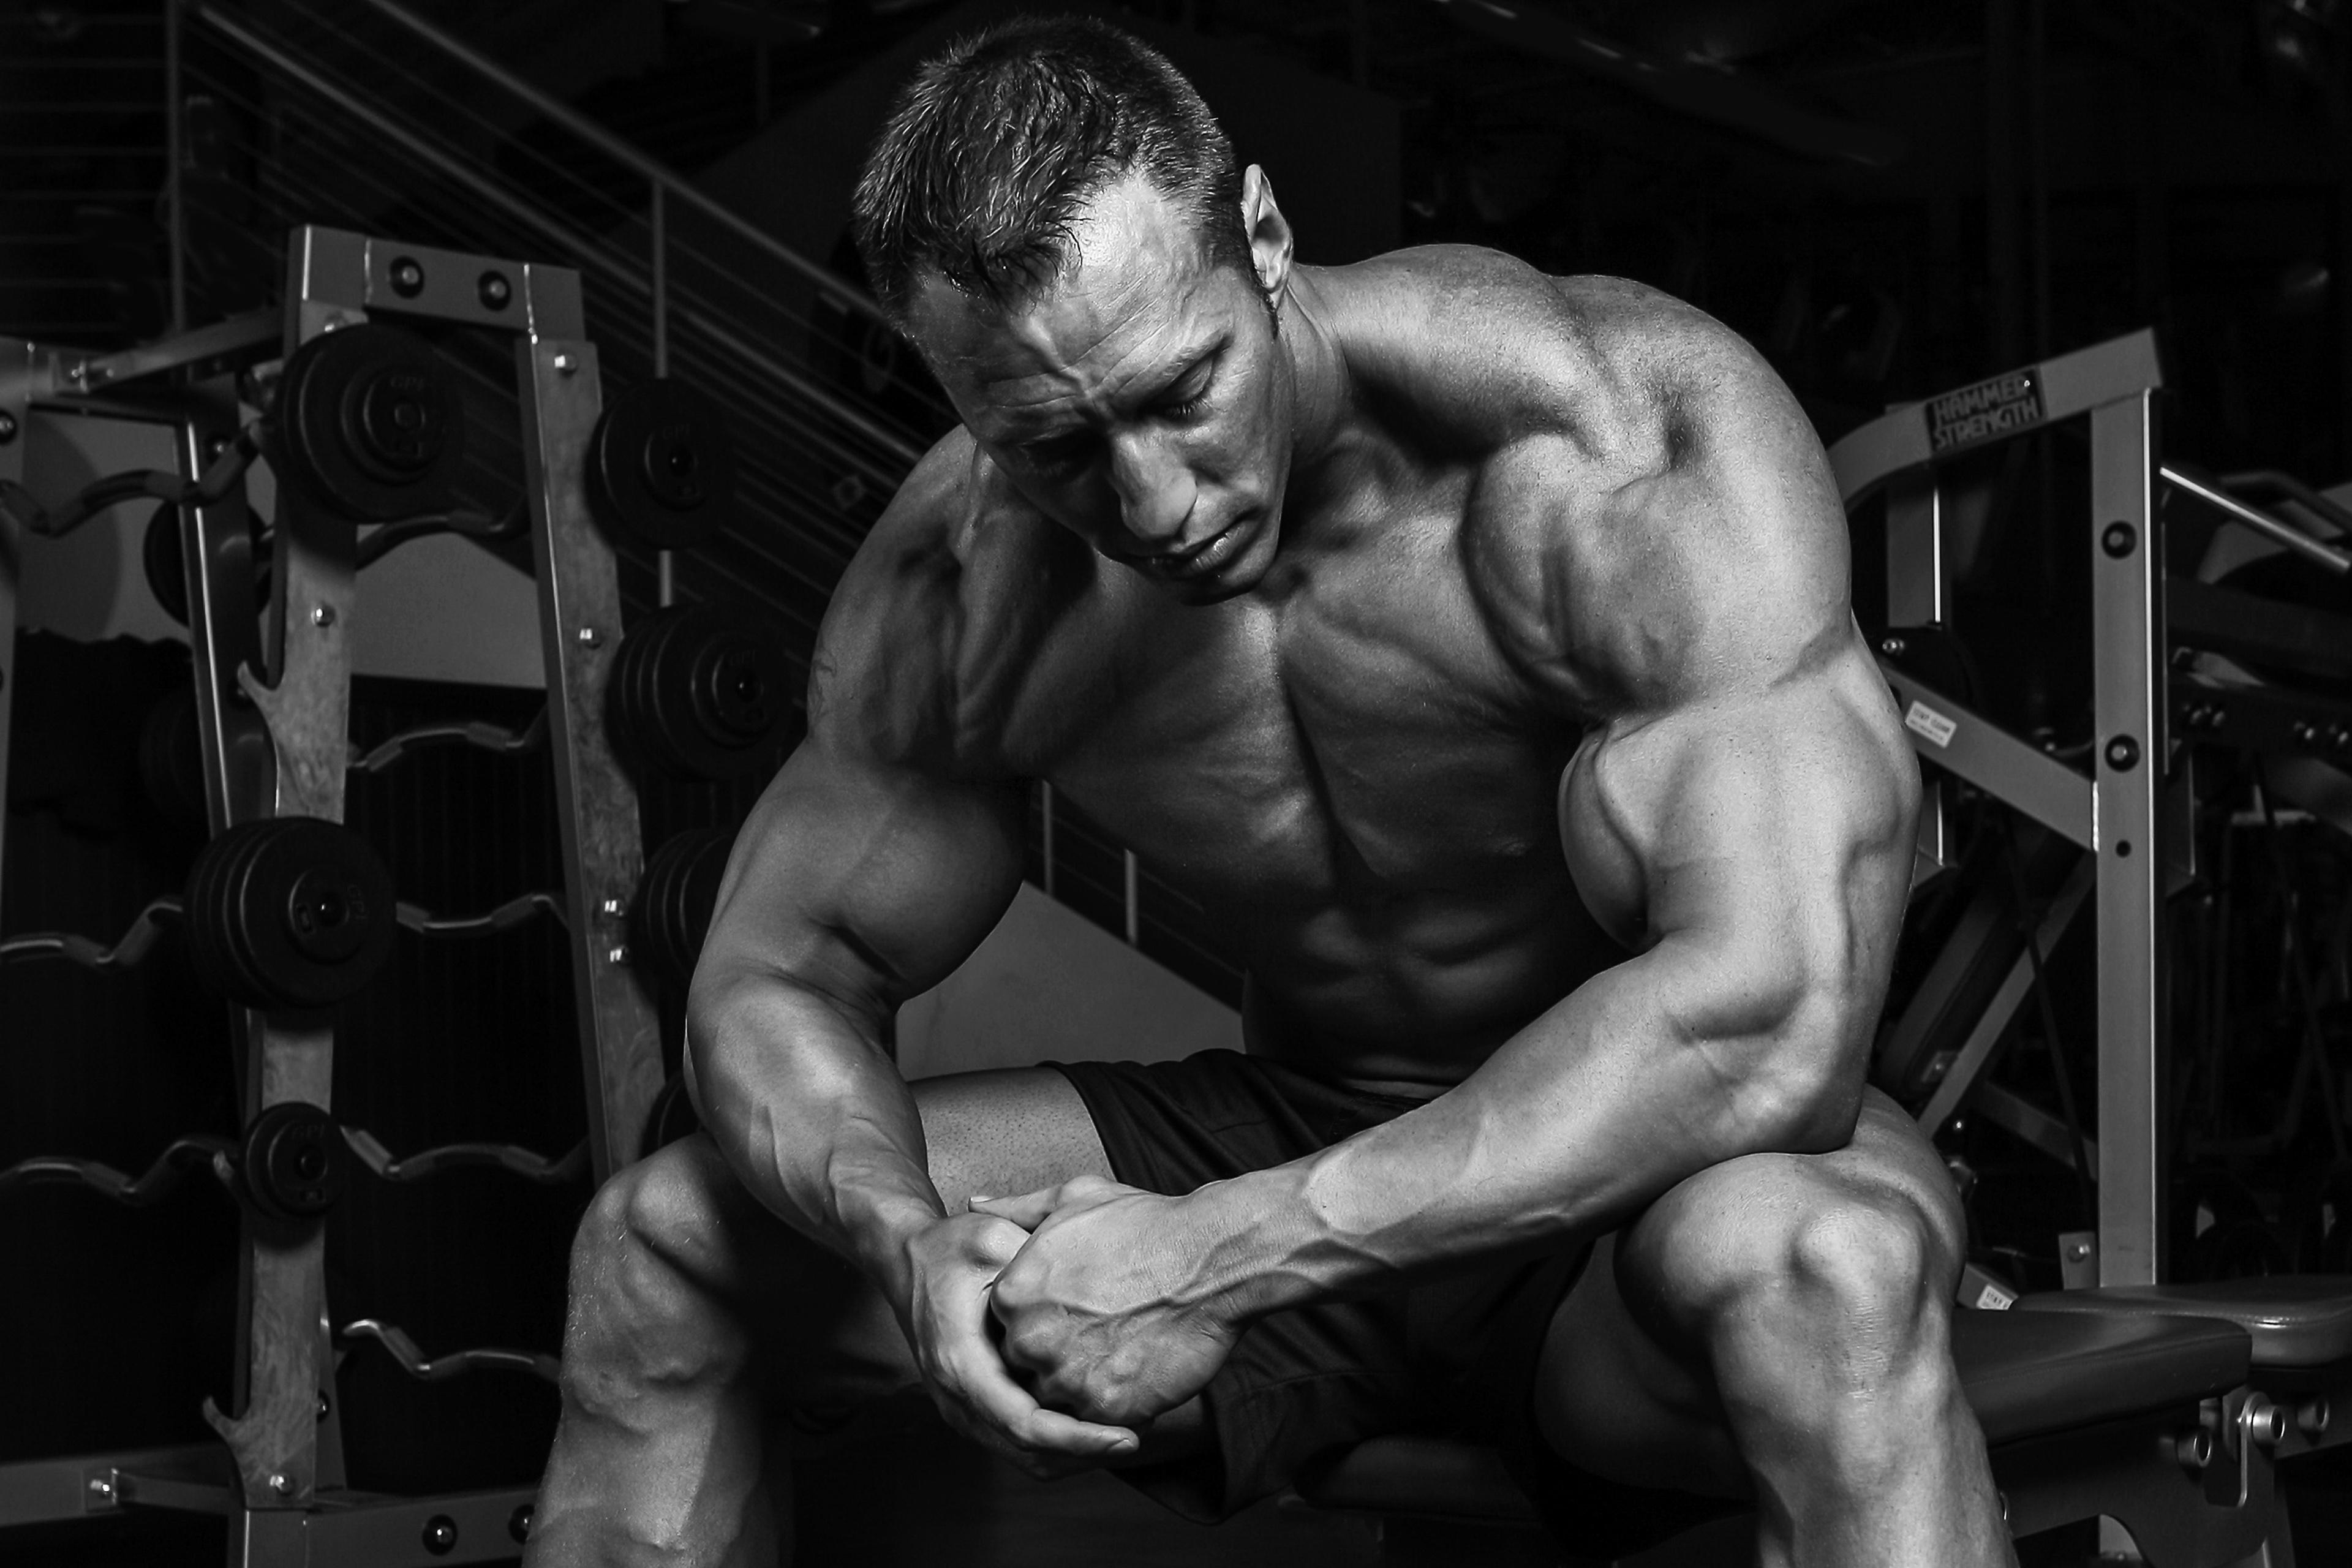 видеокамерах бодибилдинг фото мужчины упражнения многим отзывам прилагаются